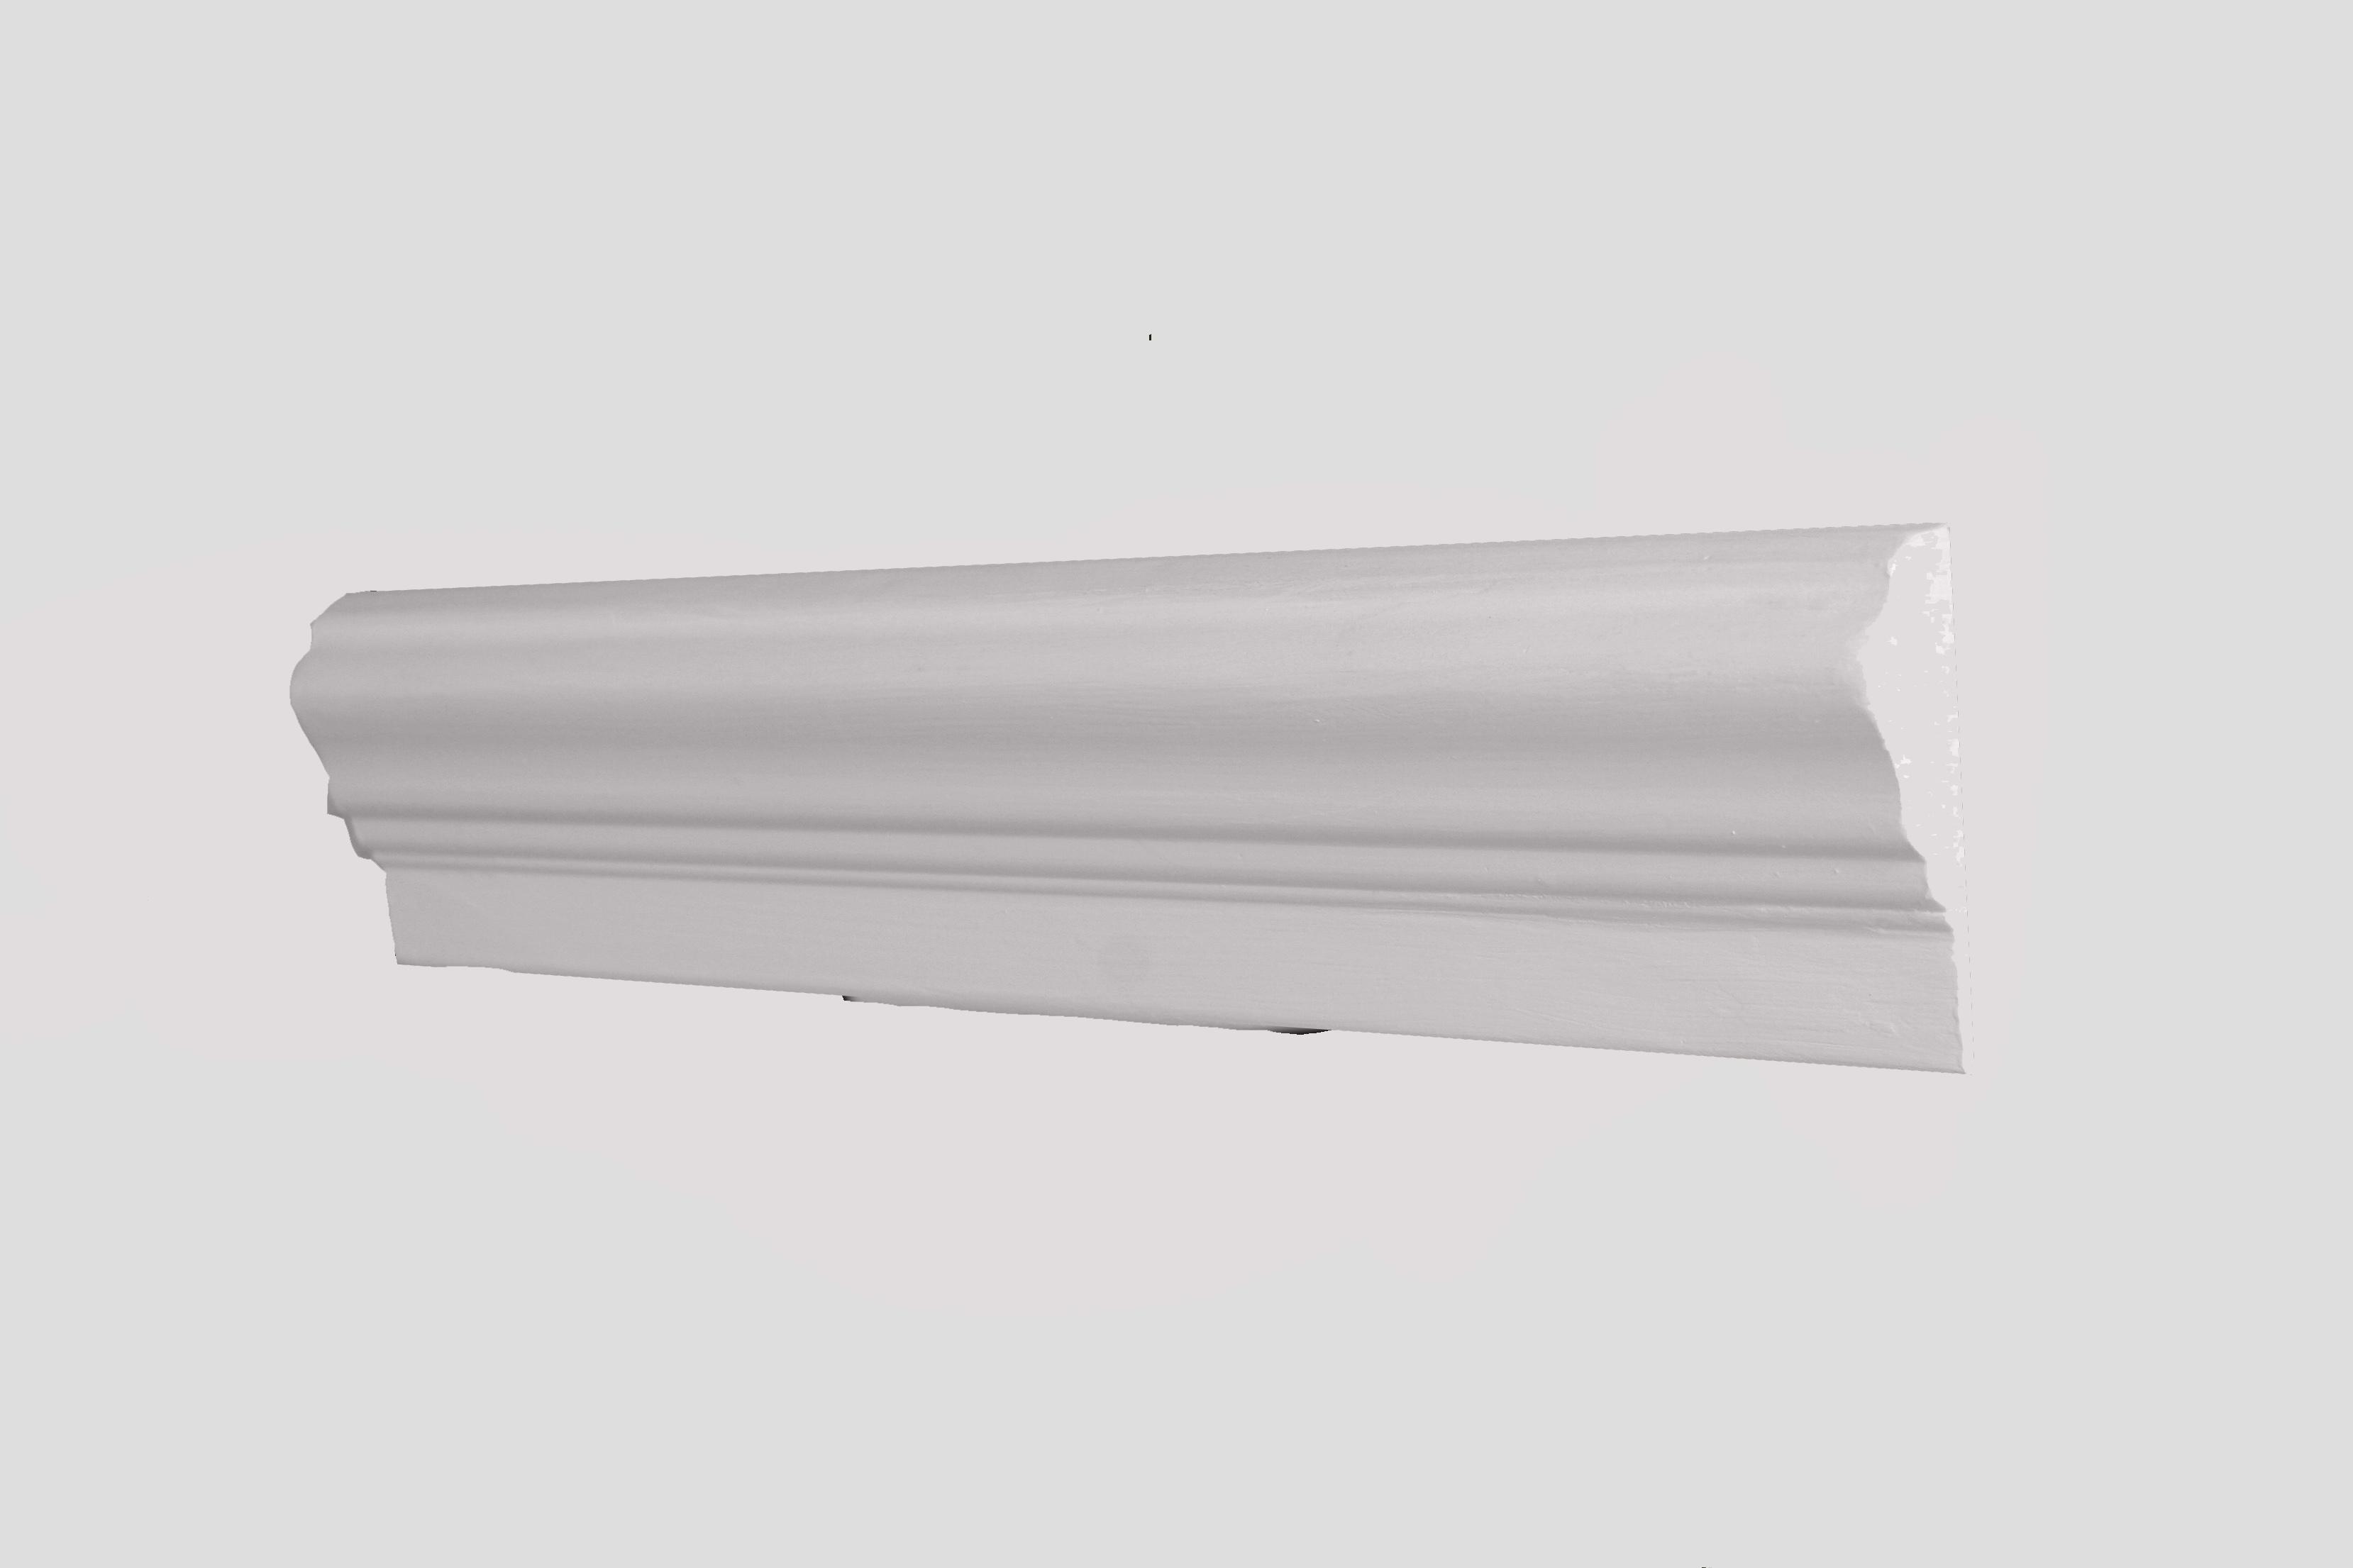 profil-2-106-3_1x9_4cm